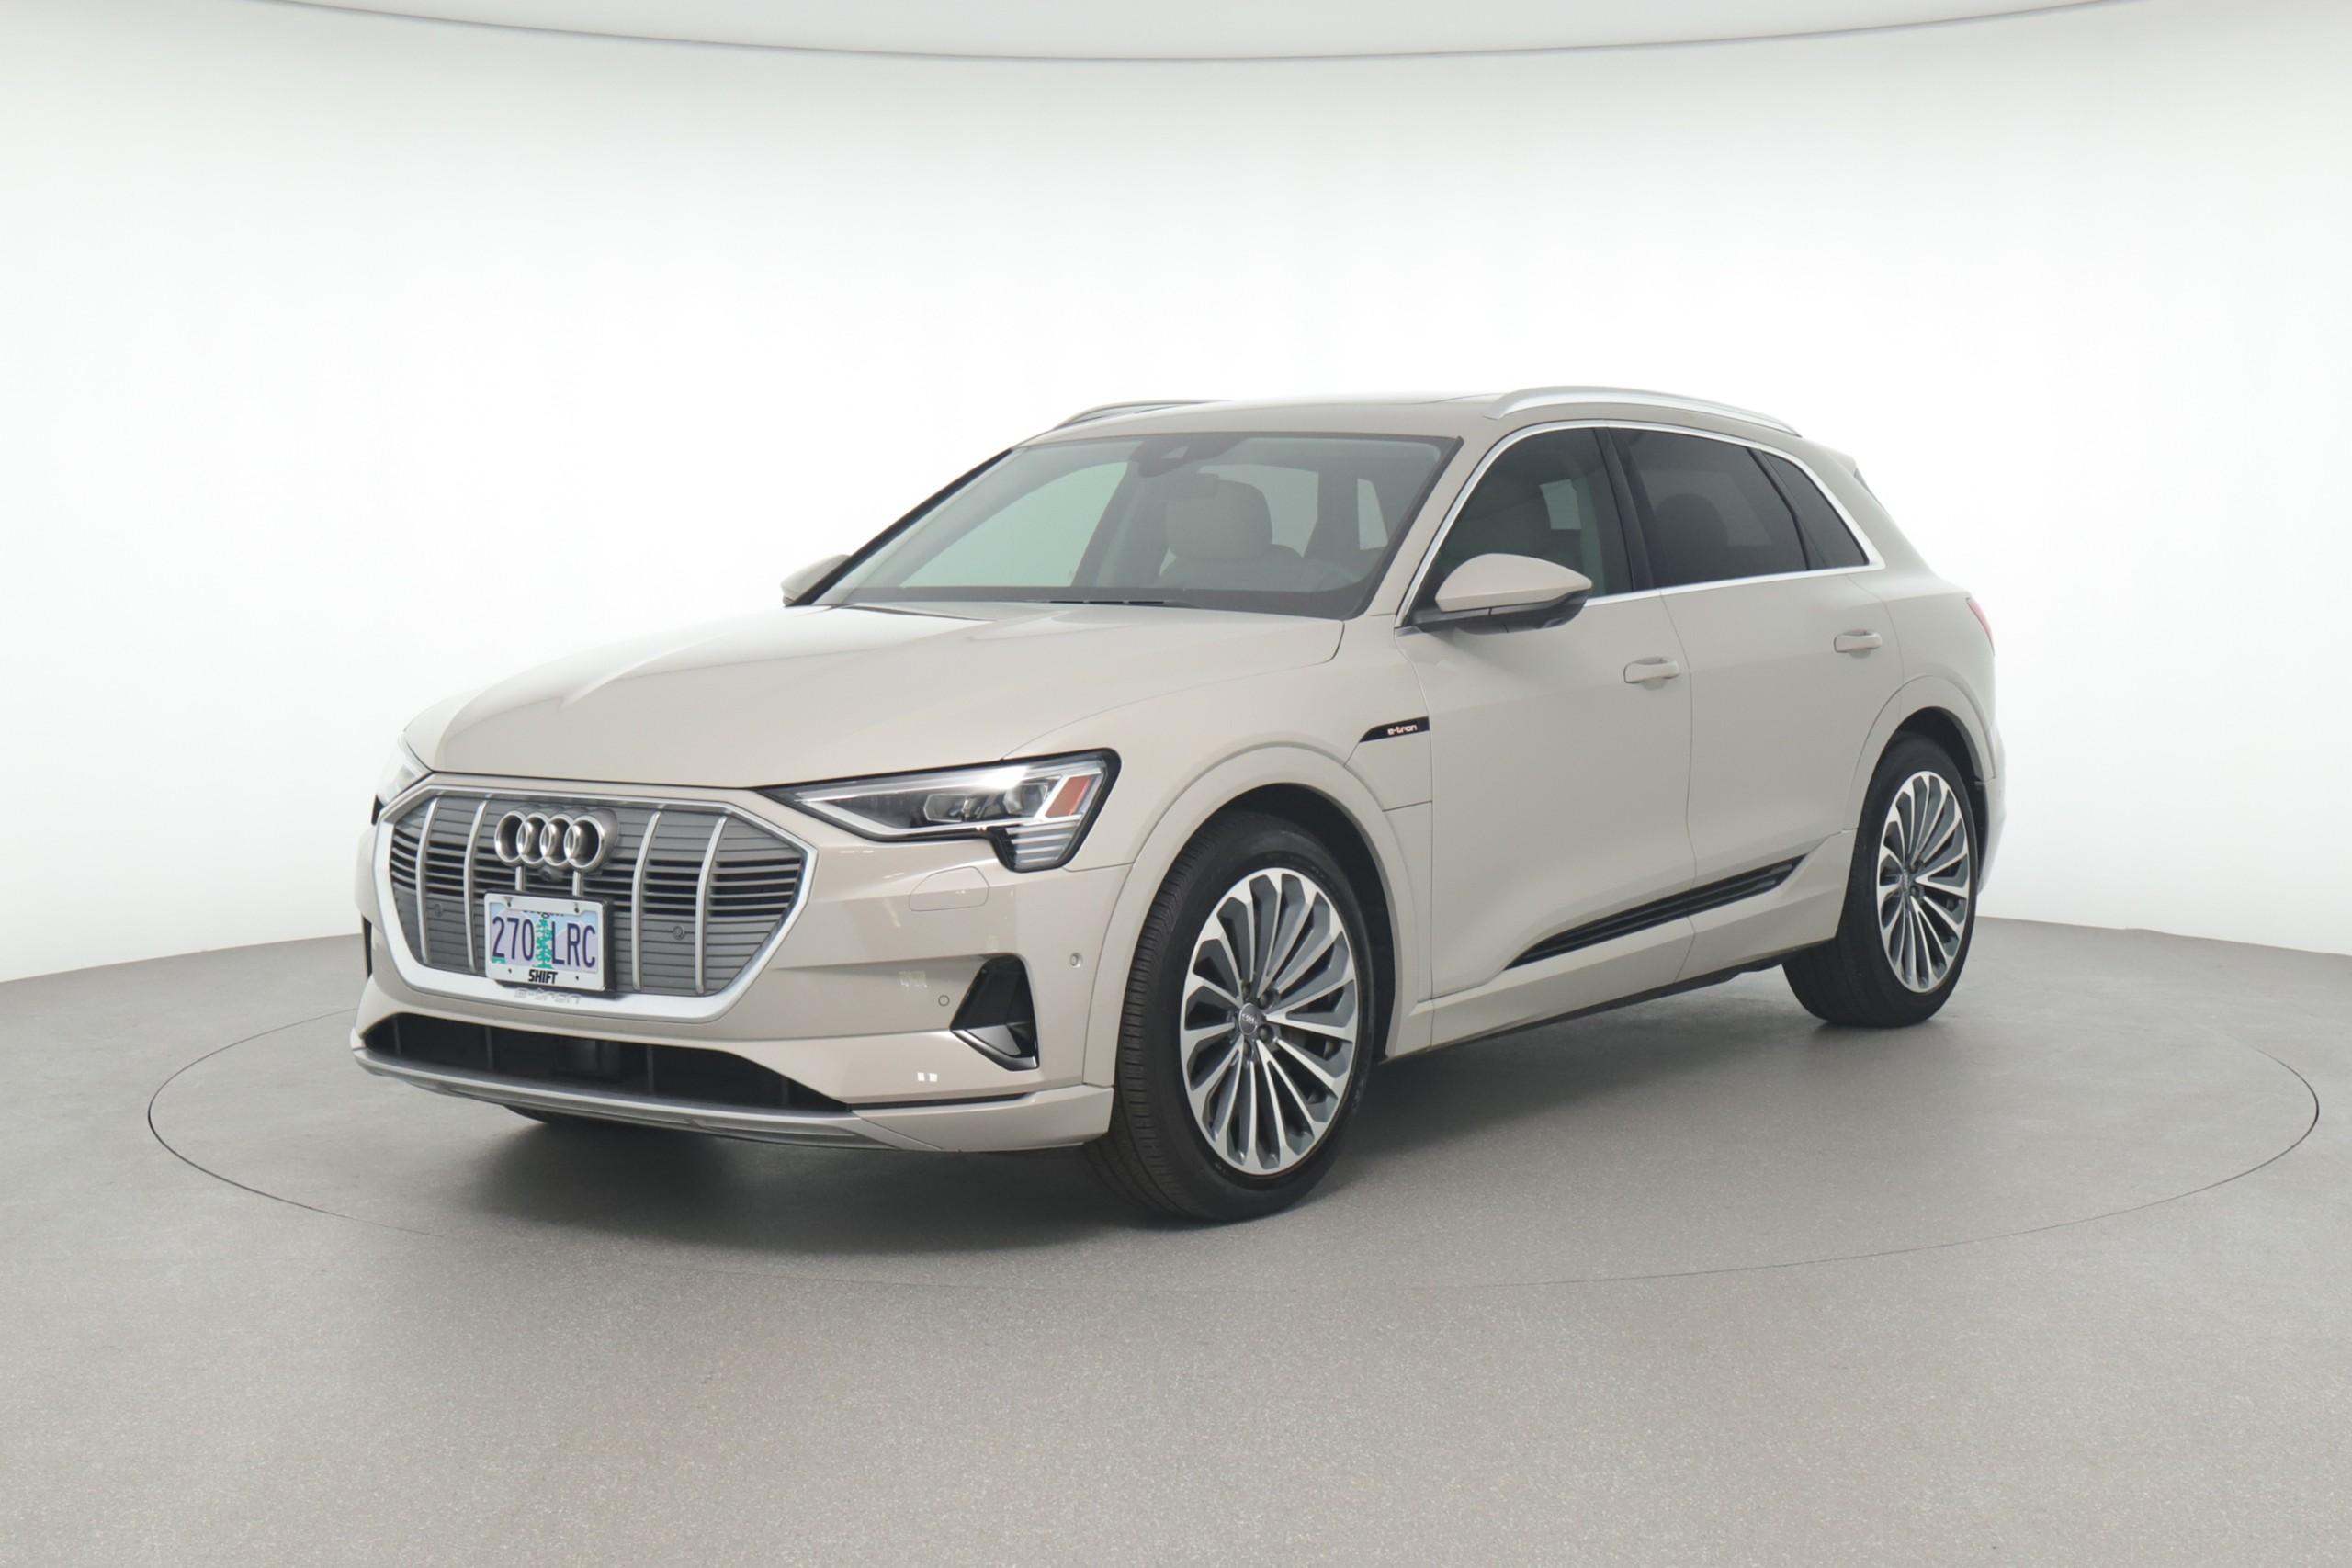 2019 Audi e-tron Prestige (from $60,950)